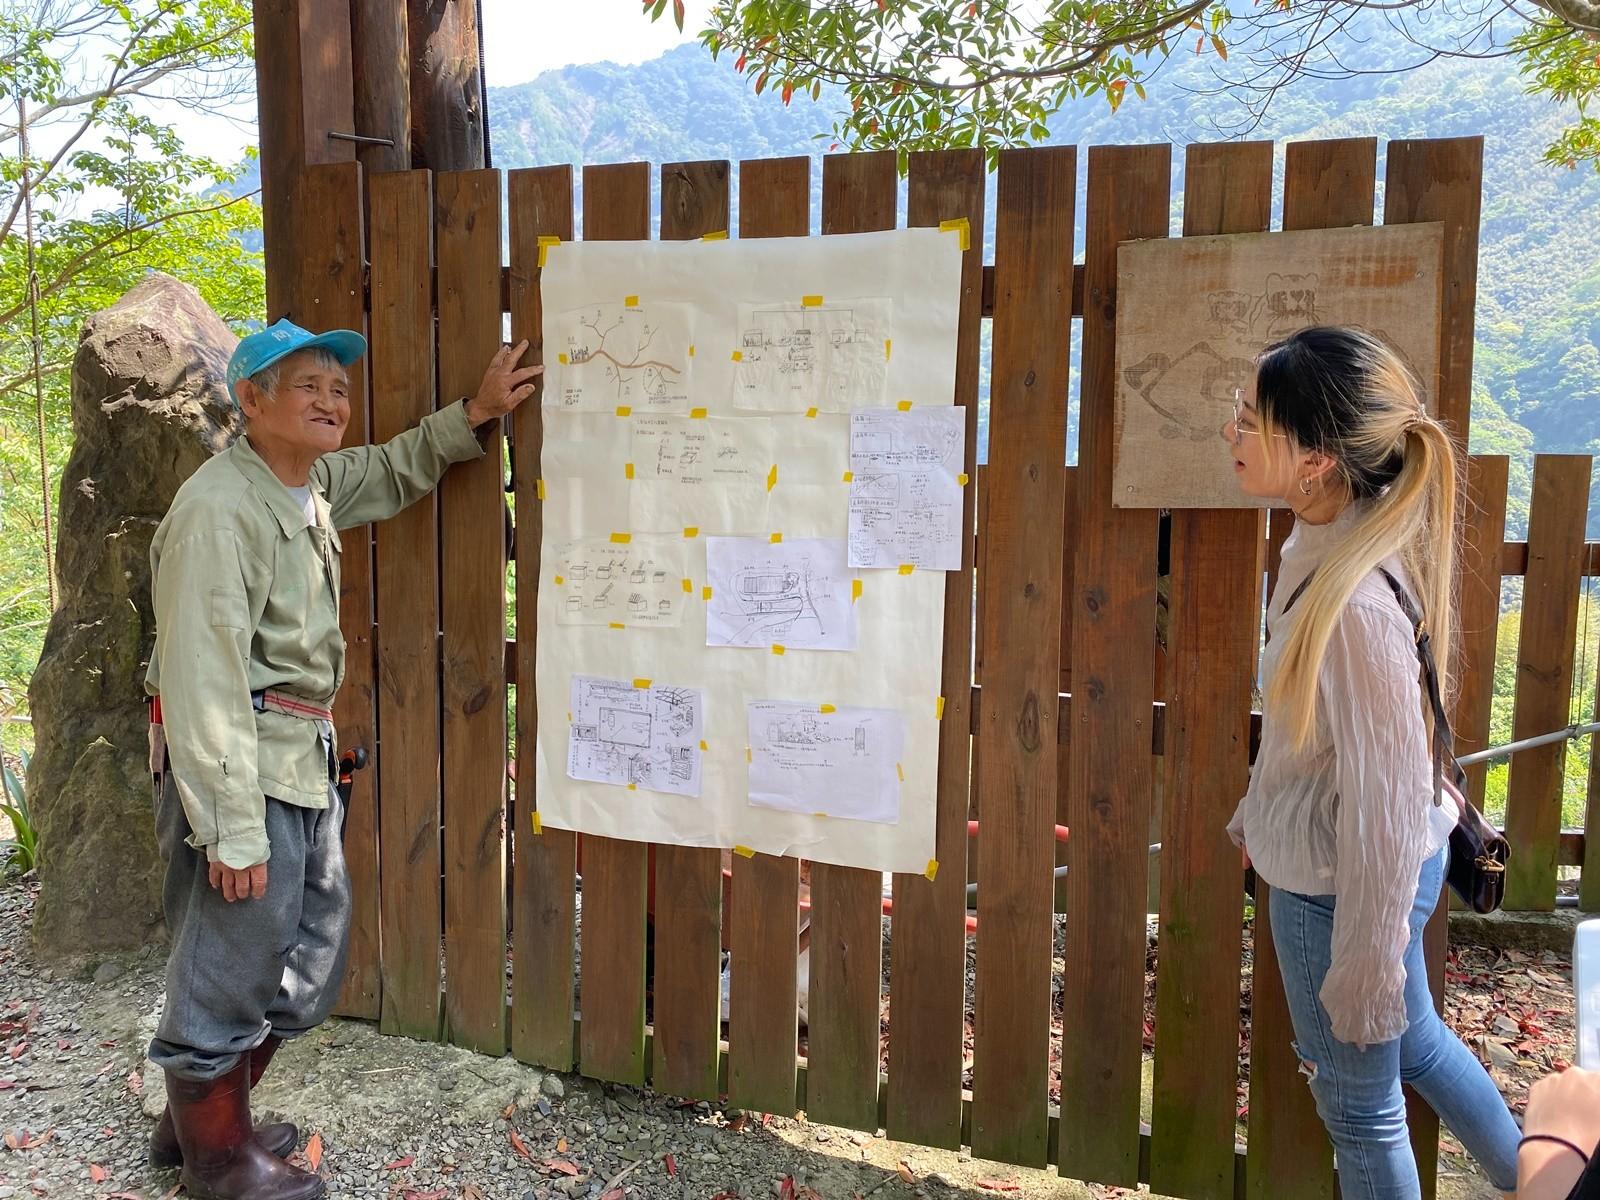 中原大學景觀系「環境體驗」課程師生前往復興鄉調研,和部落居民交流、相互學習。.JPG